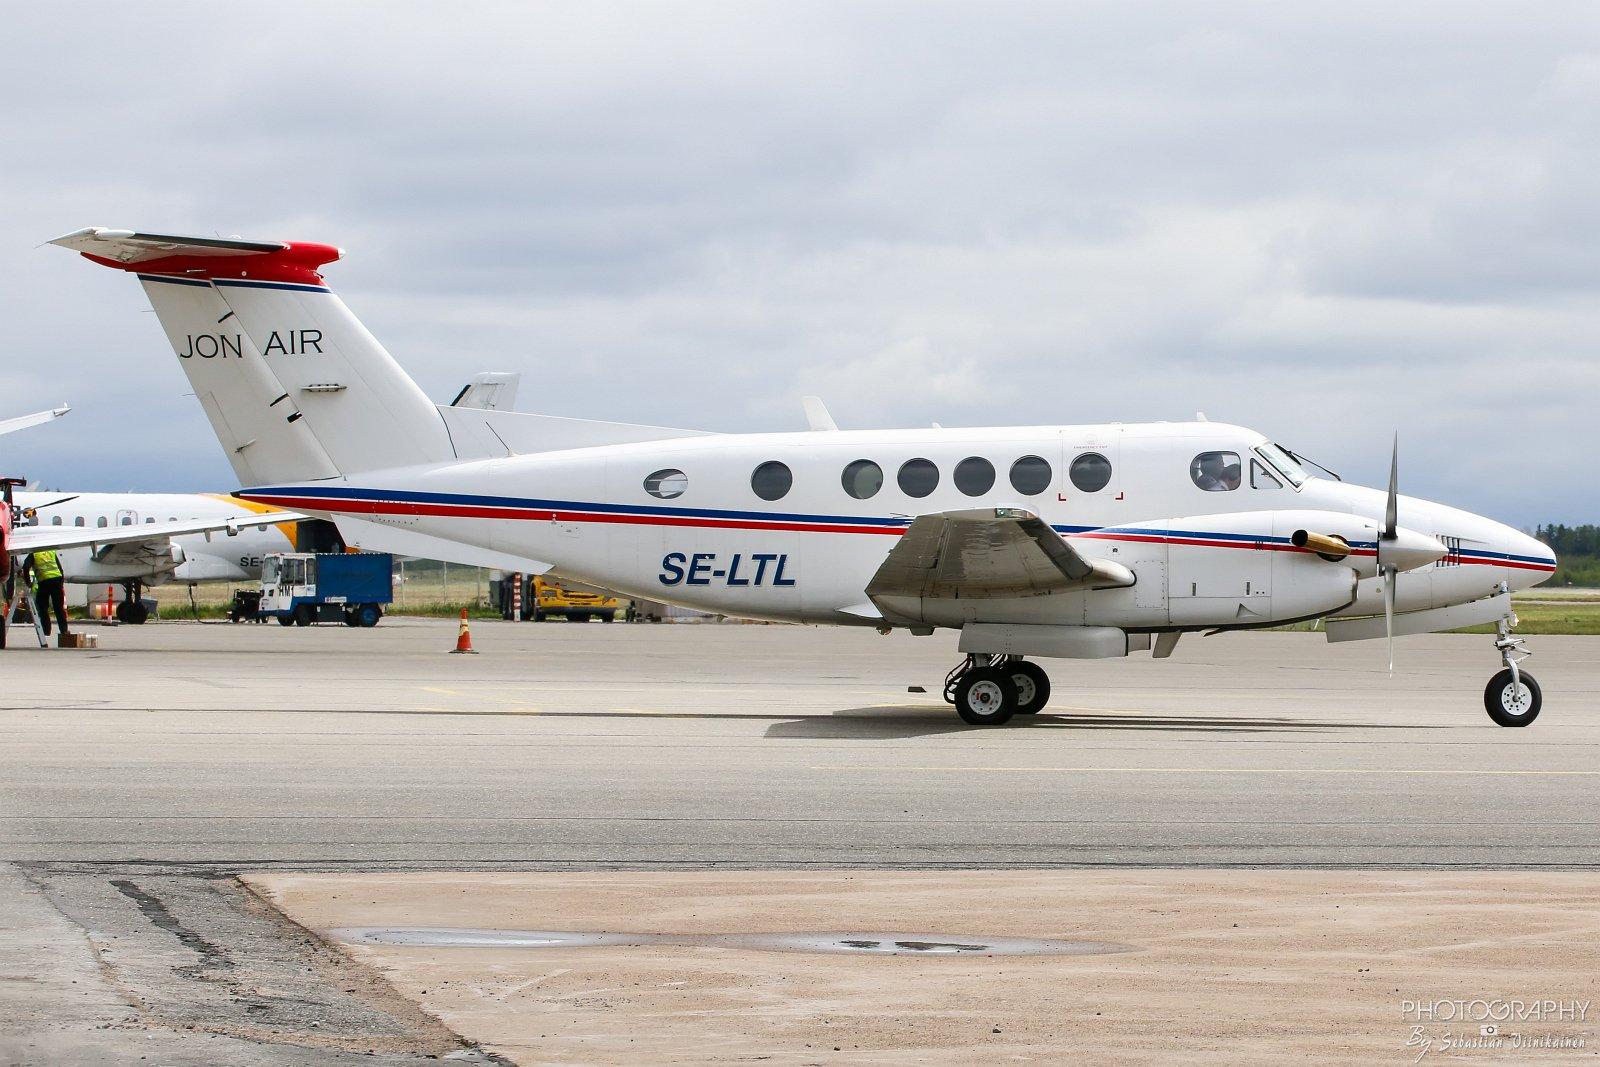 SE-LTL Jonair Beechcraft 200 Super King Air